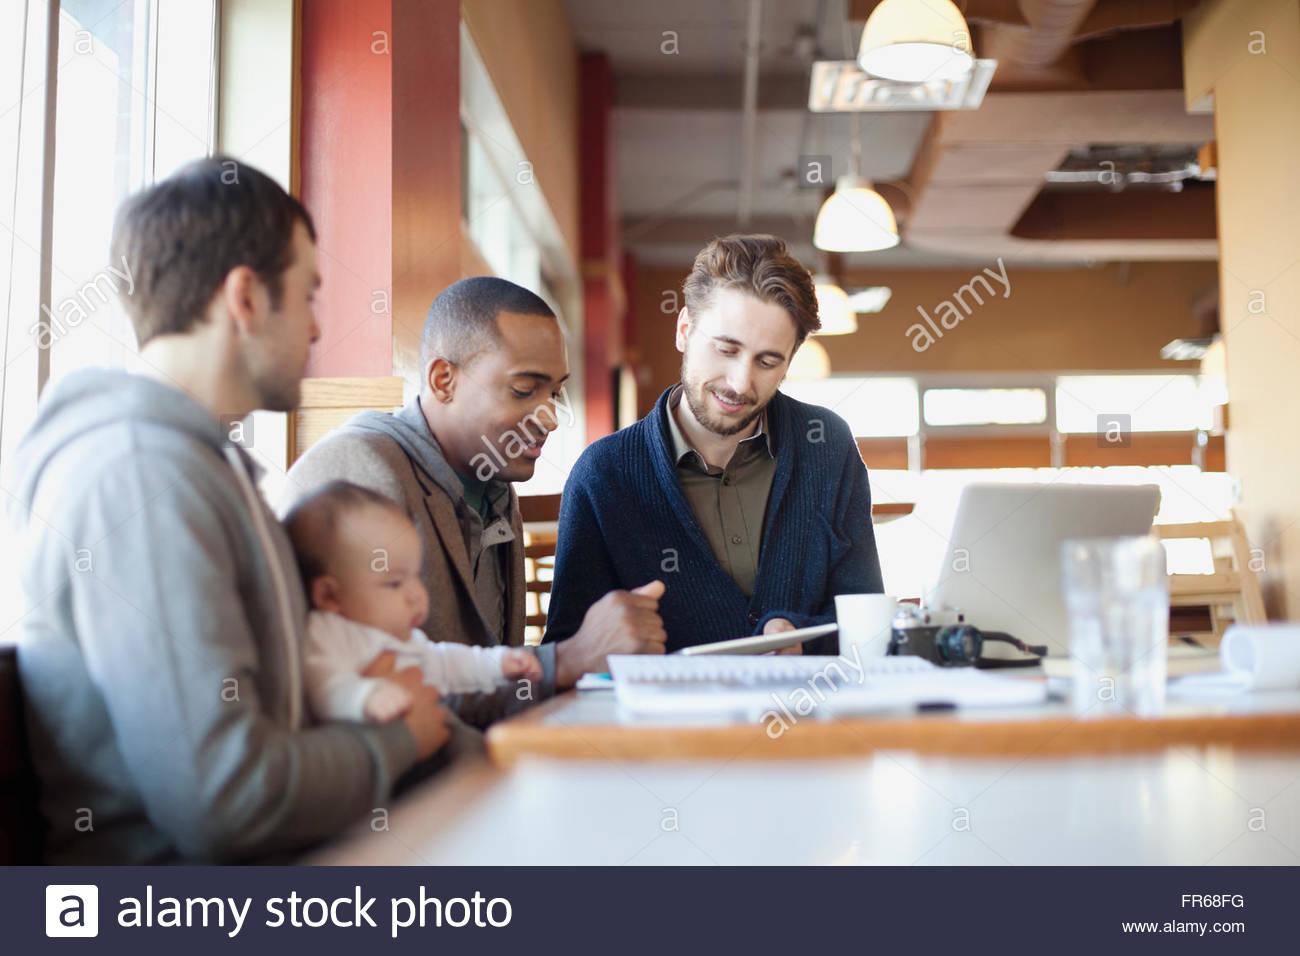 männlichen Freunden im Gespräch beim Mittagessen Stockfoto